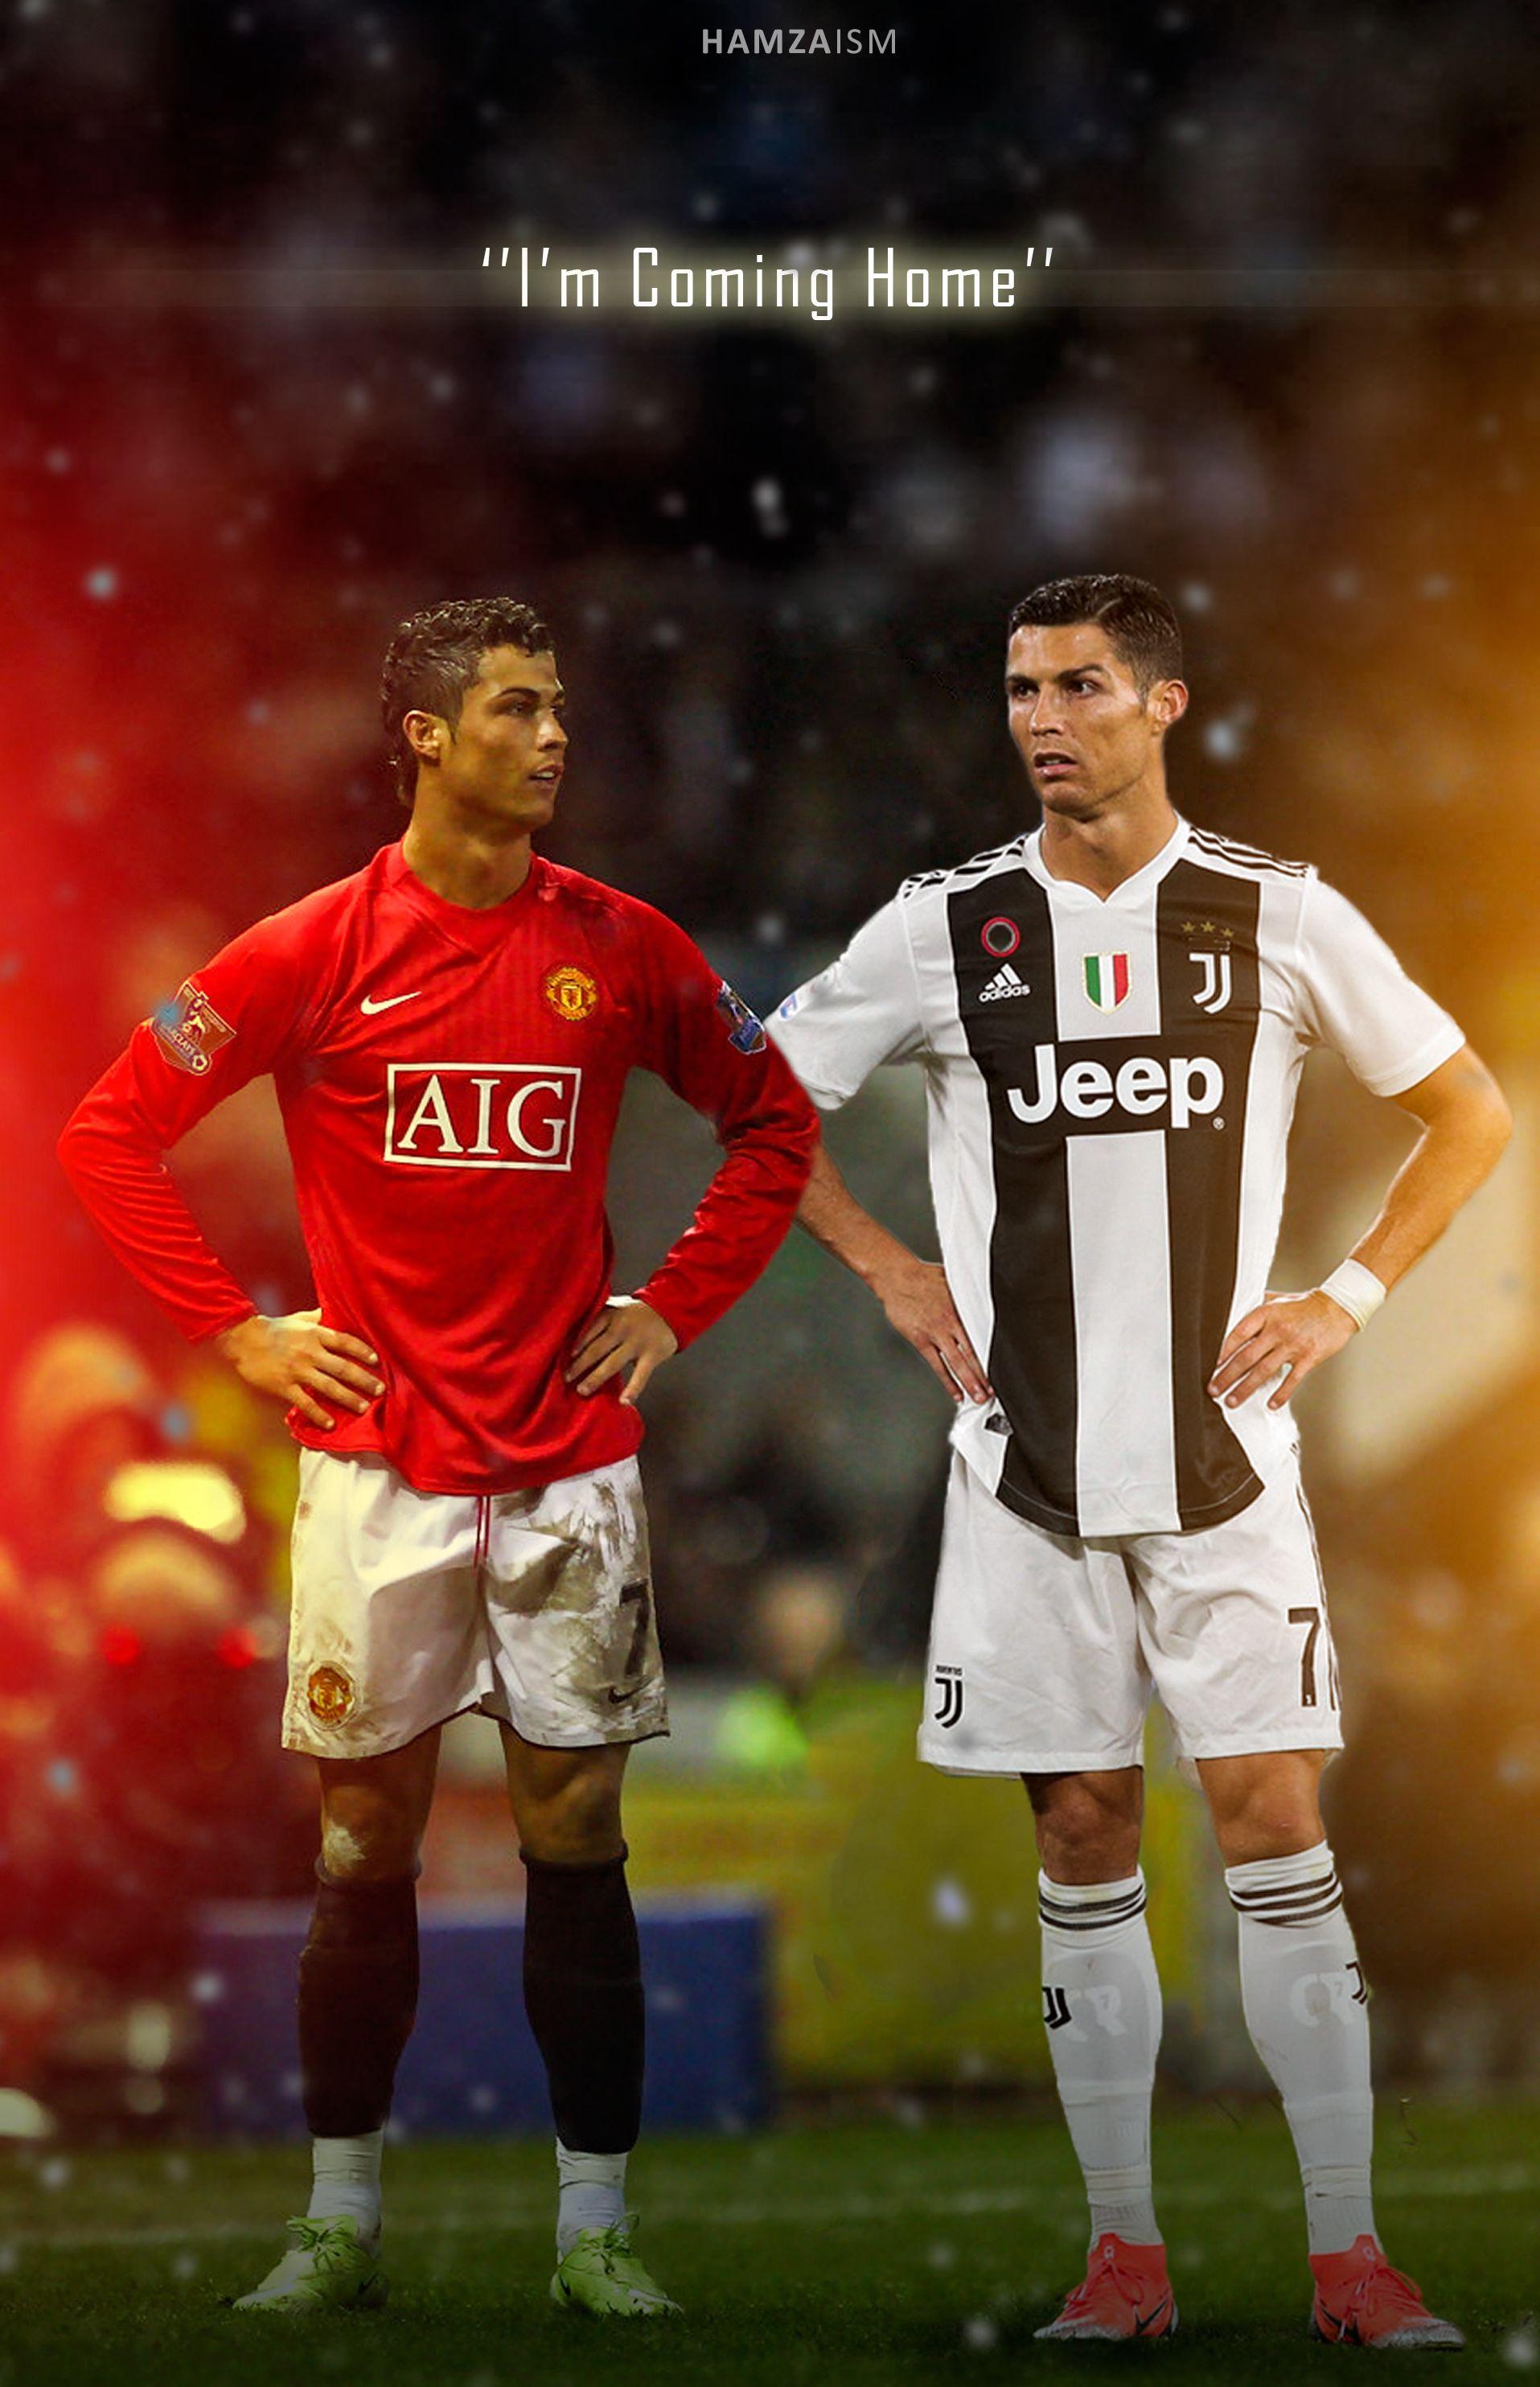 Cristiano Ronaldo Cristisno Ronaldo Ronaldo Cristiano Ronaldo